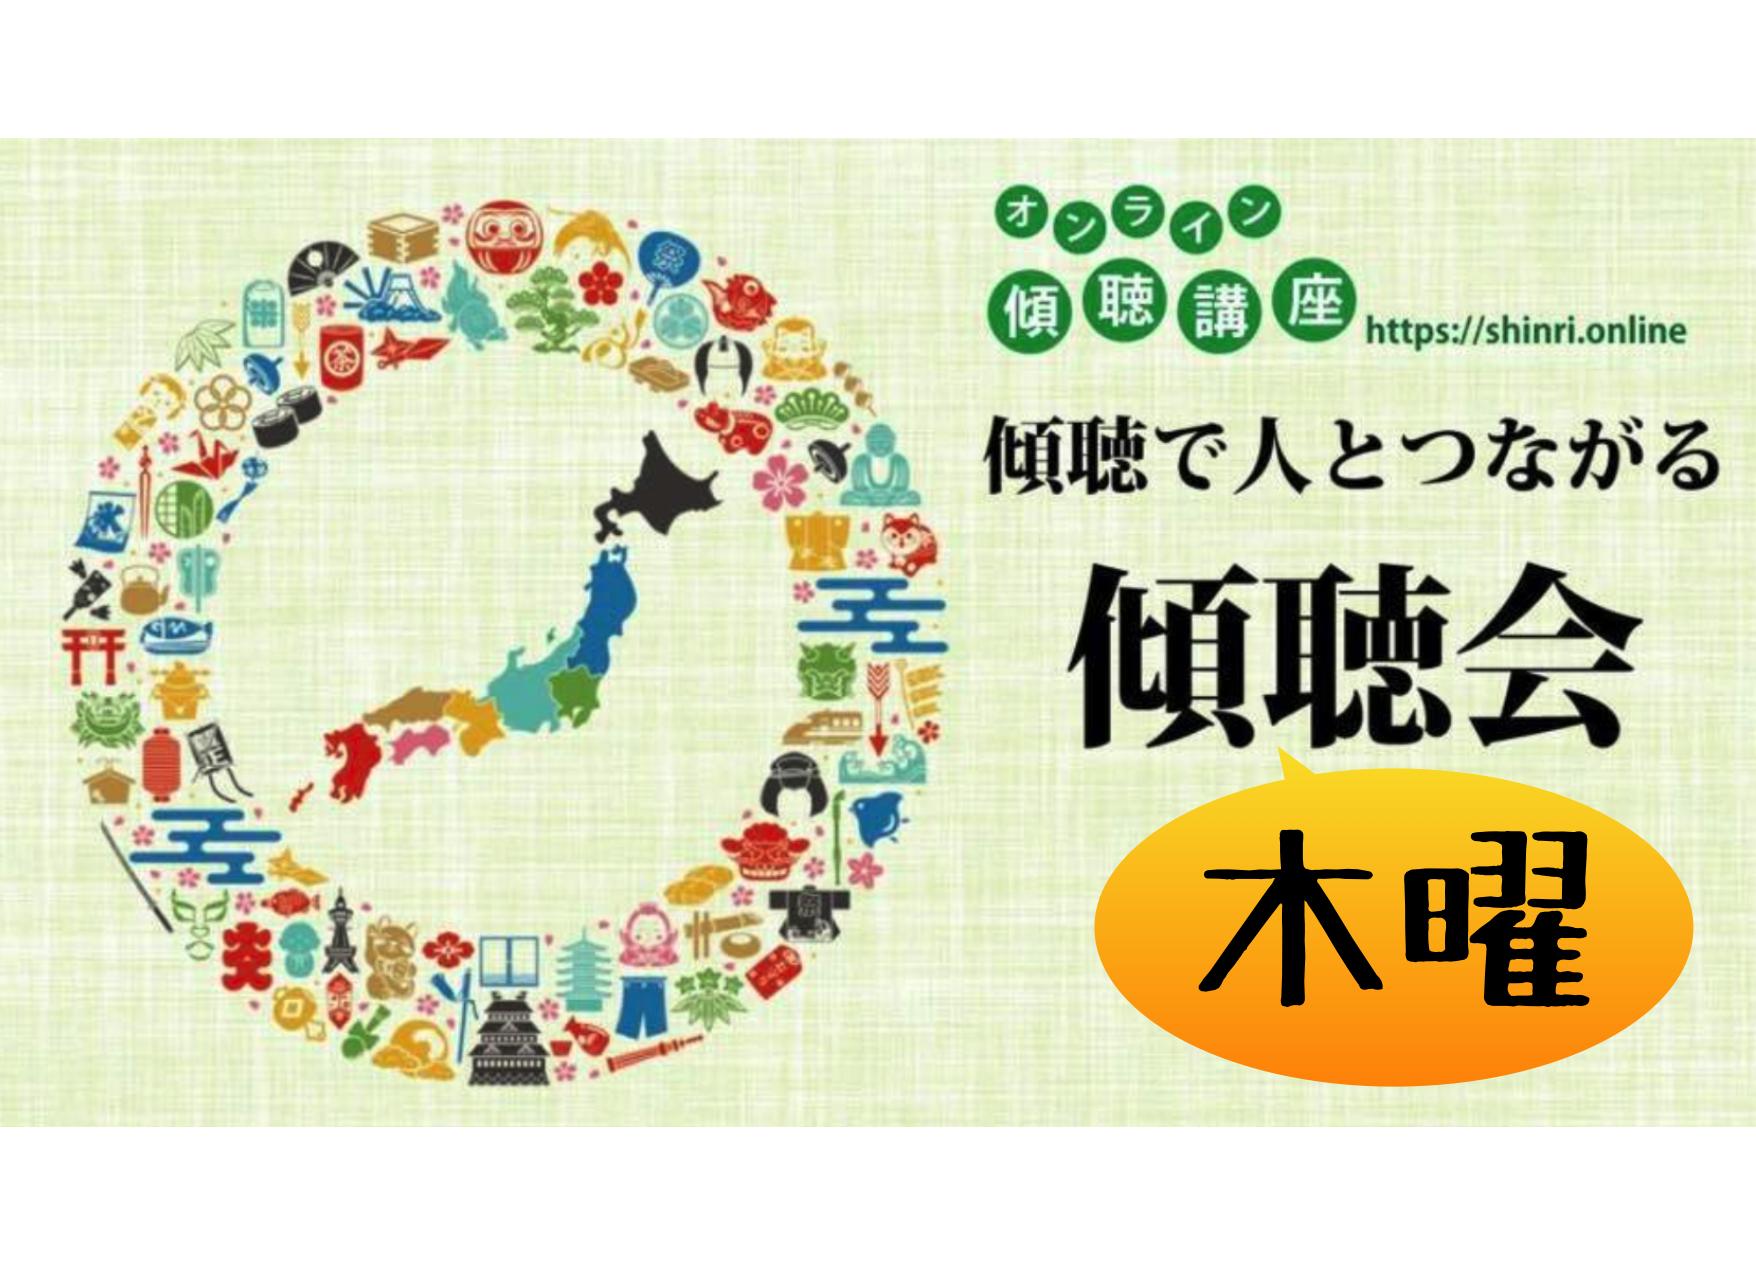 【活動報告】7月26日(木)オンライン傾聴講座「傾聴会」